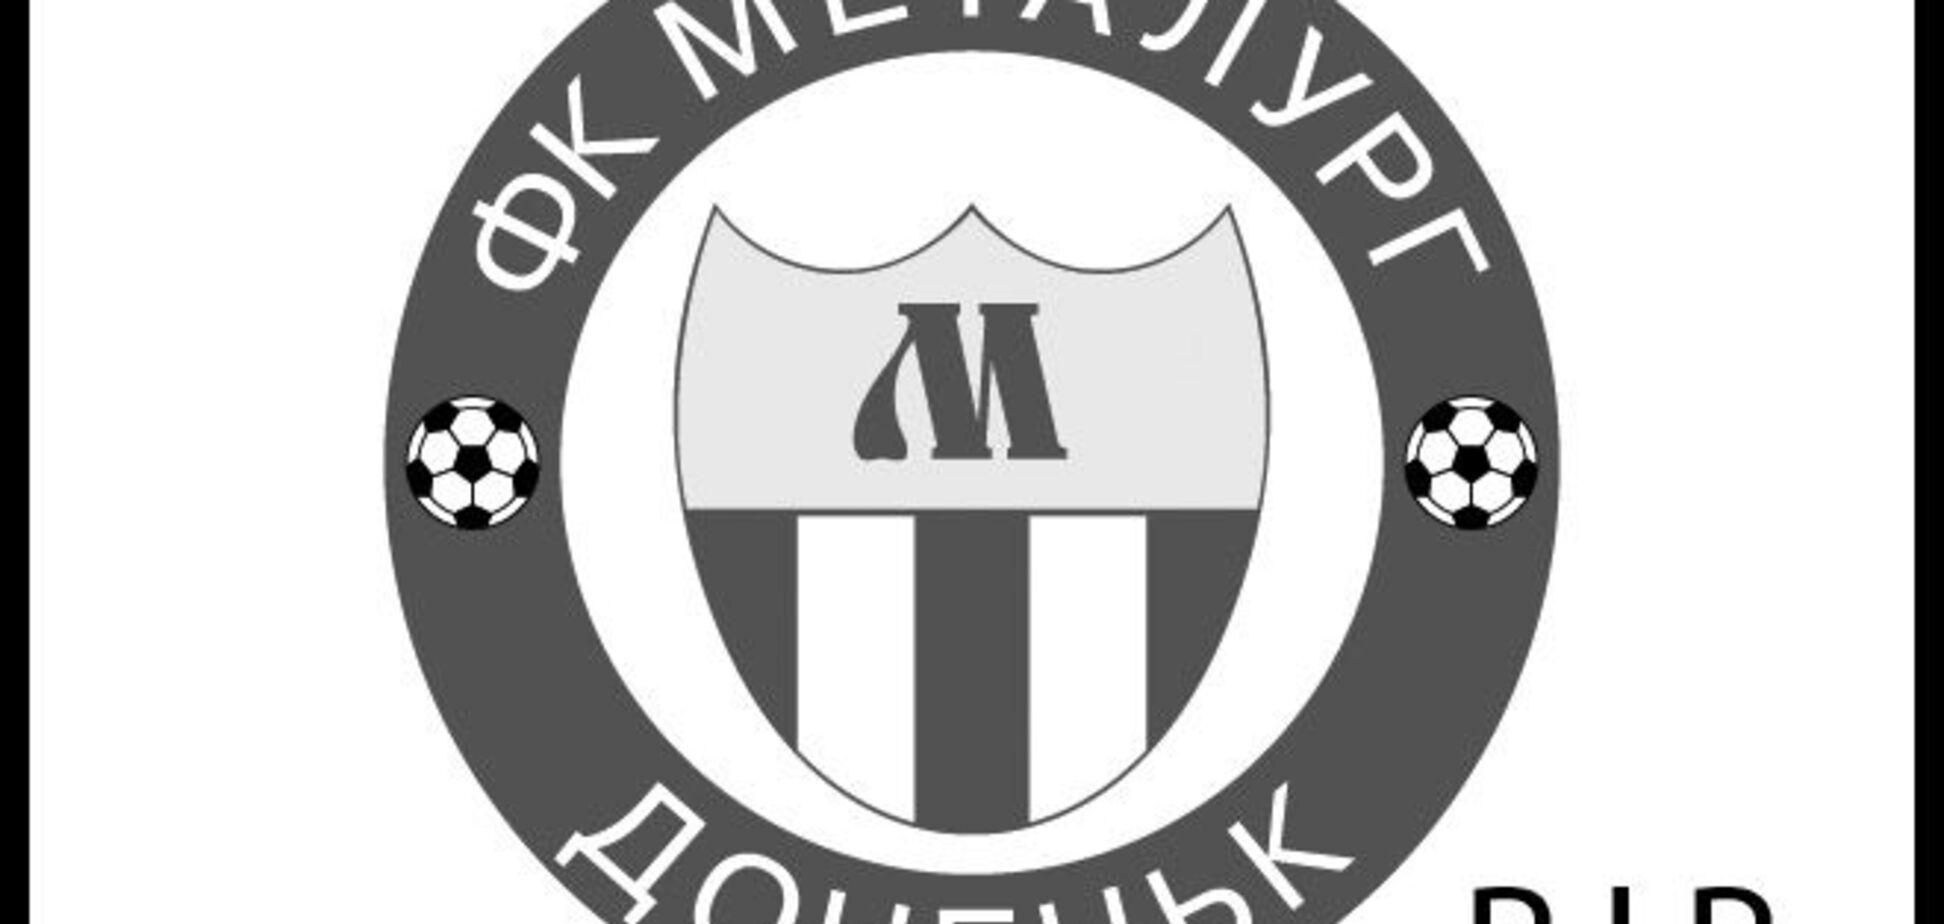 Футбольний клуб із Донецька оголошений банкрутом